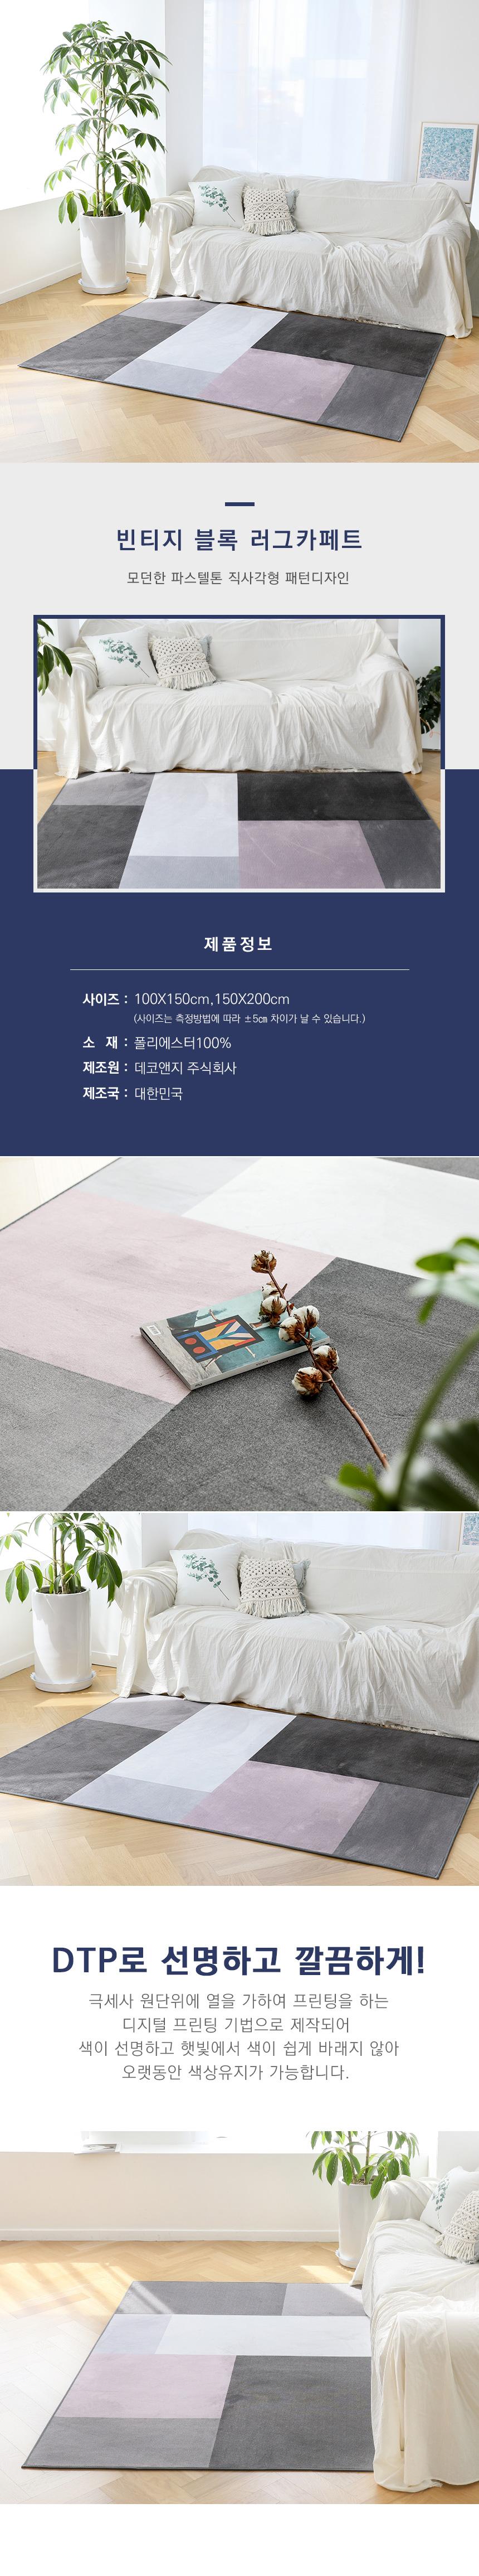 빈티지블록 러그카페트 100x150cm - 이니띠움, 29,800원, 디자인러그, 극세사 카페트